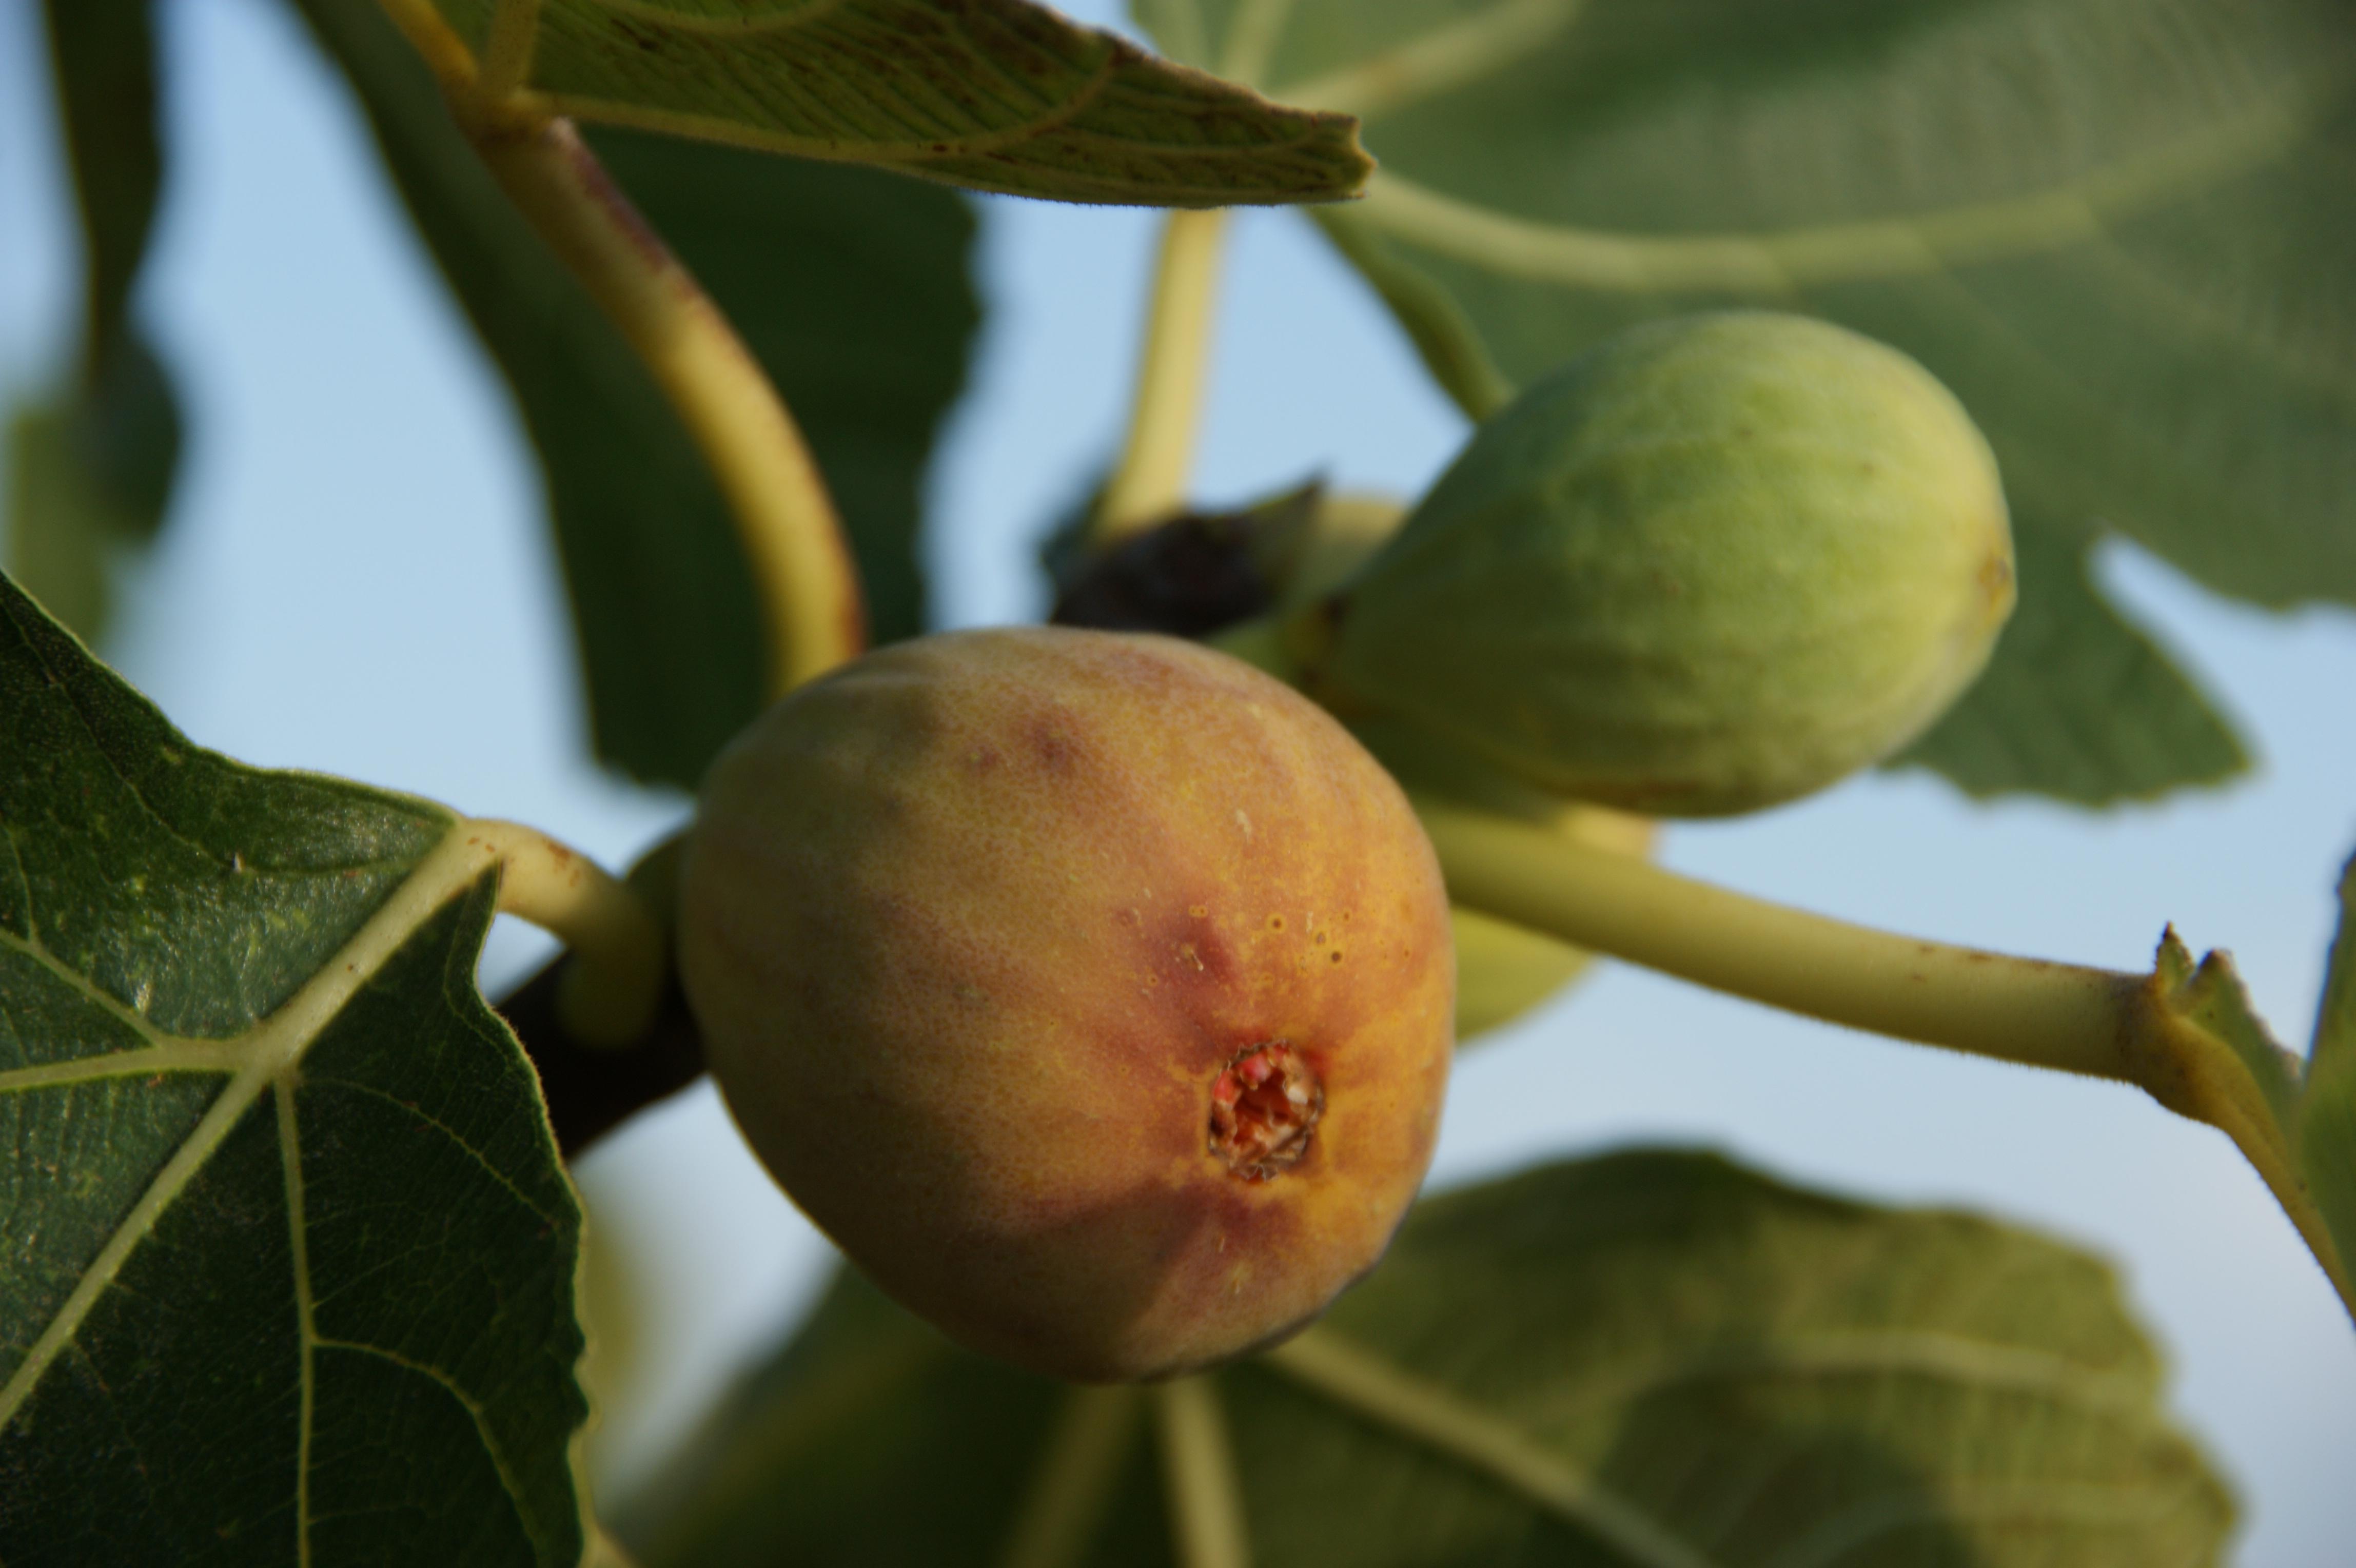 Feigen / figs